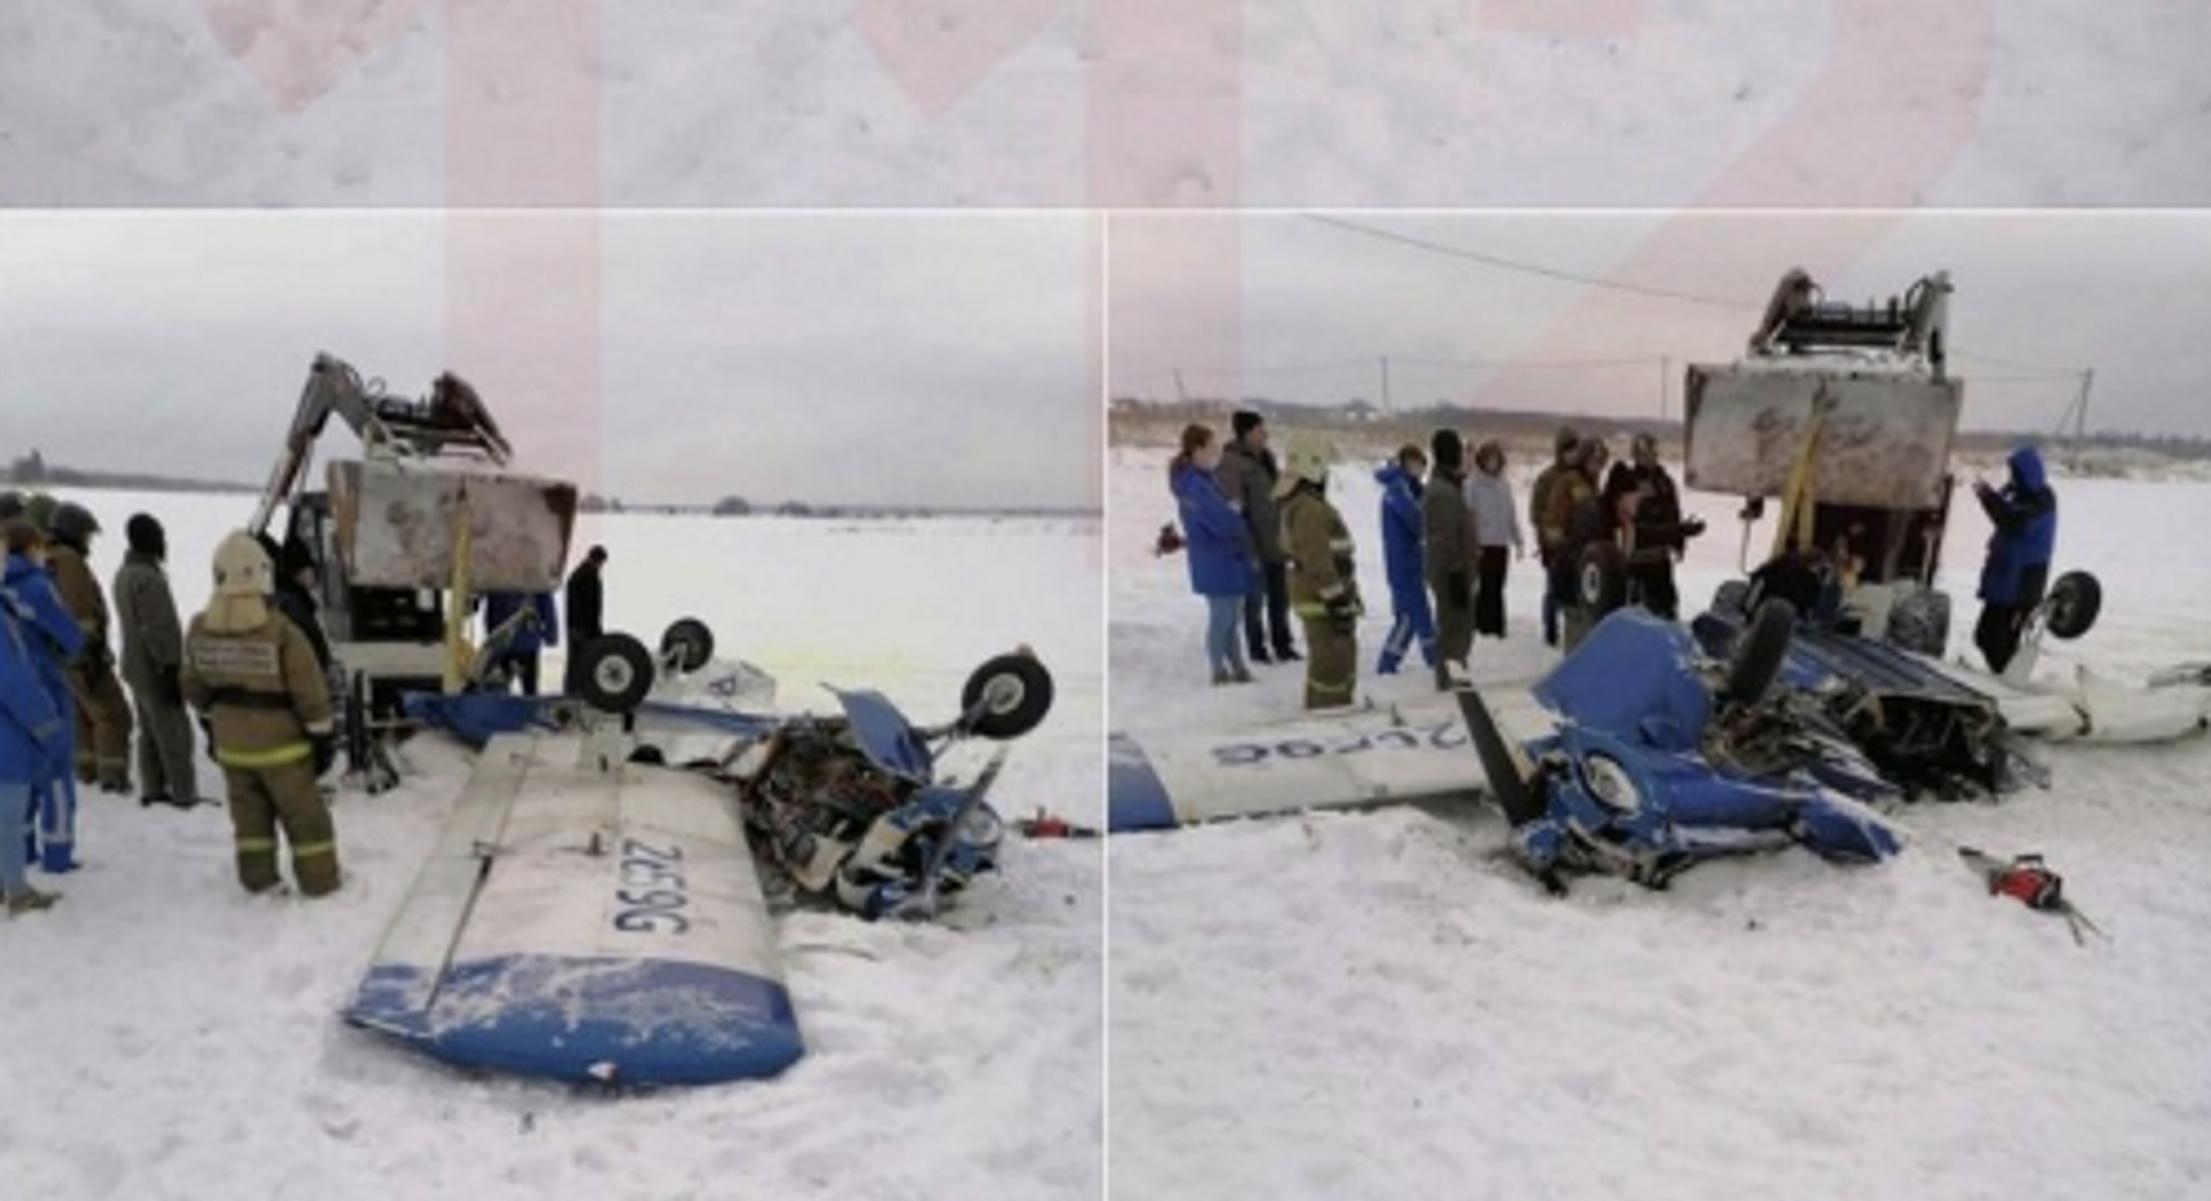 Ρωσία: Τρεις νεκροί από σύγκρουση δύο αεροσκαφών στον αέρα (pics)